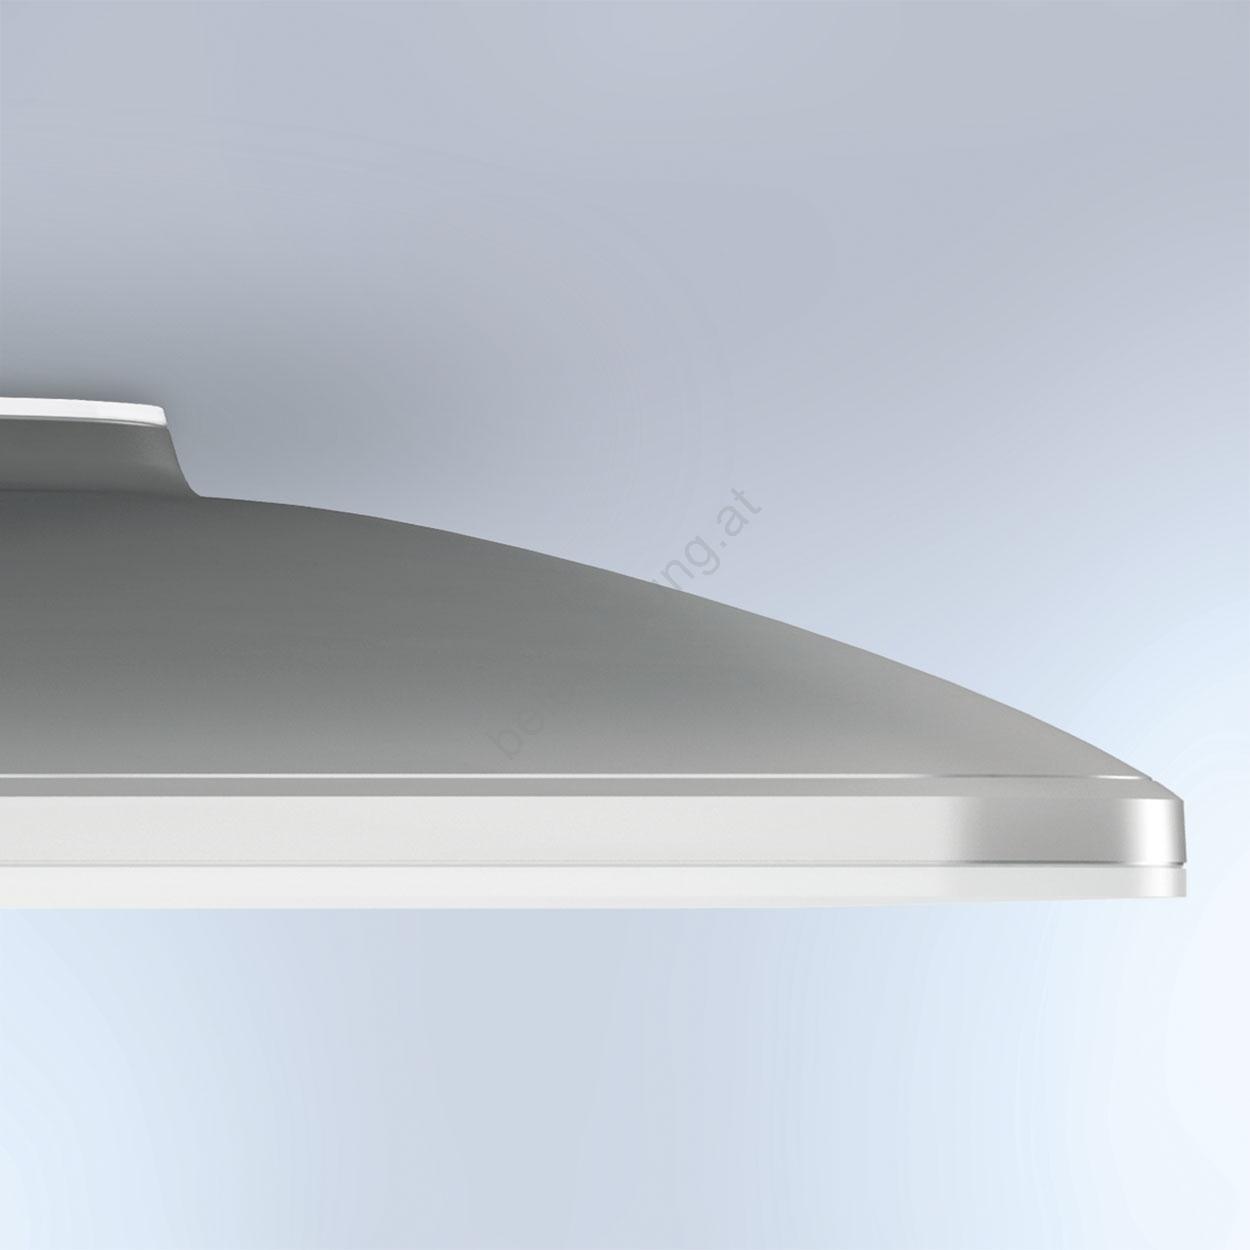 steinel 007126 led deckenleuchte mit sensor led 26w 230v beleuchtung. Black Bedroom Furniture Sets. Home Design Ideas